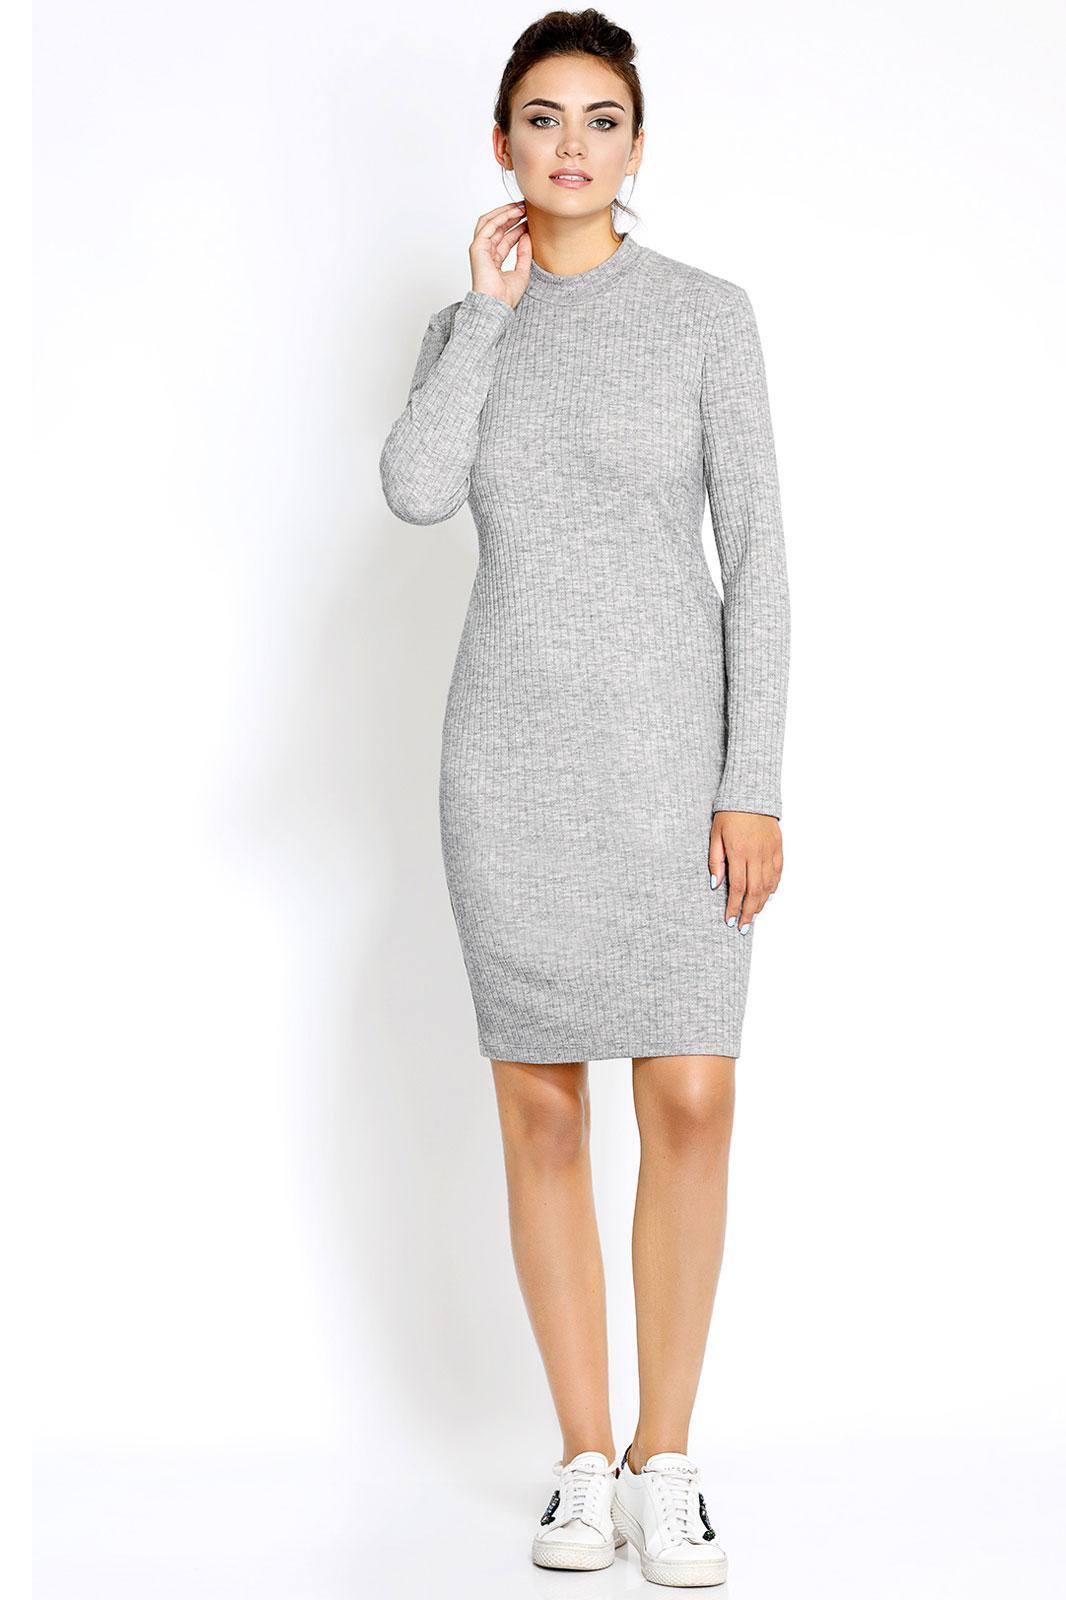 Купить Платье Pirs, 186 серебристый, Беларусь